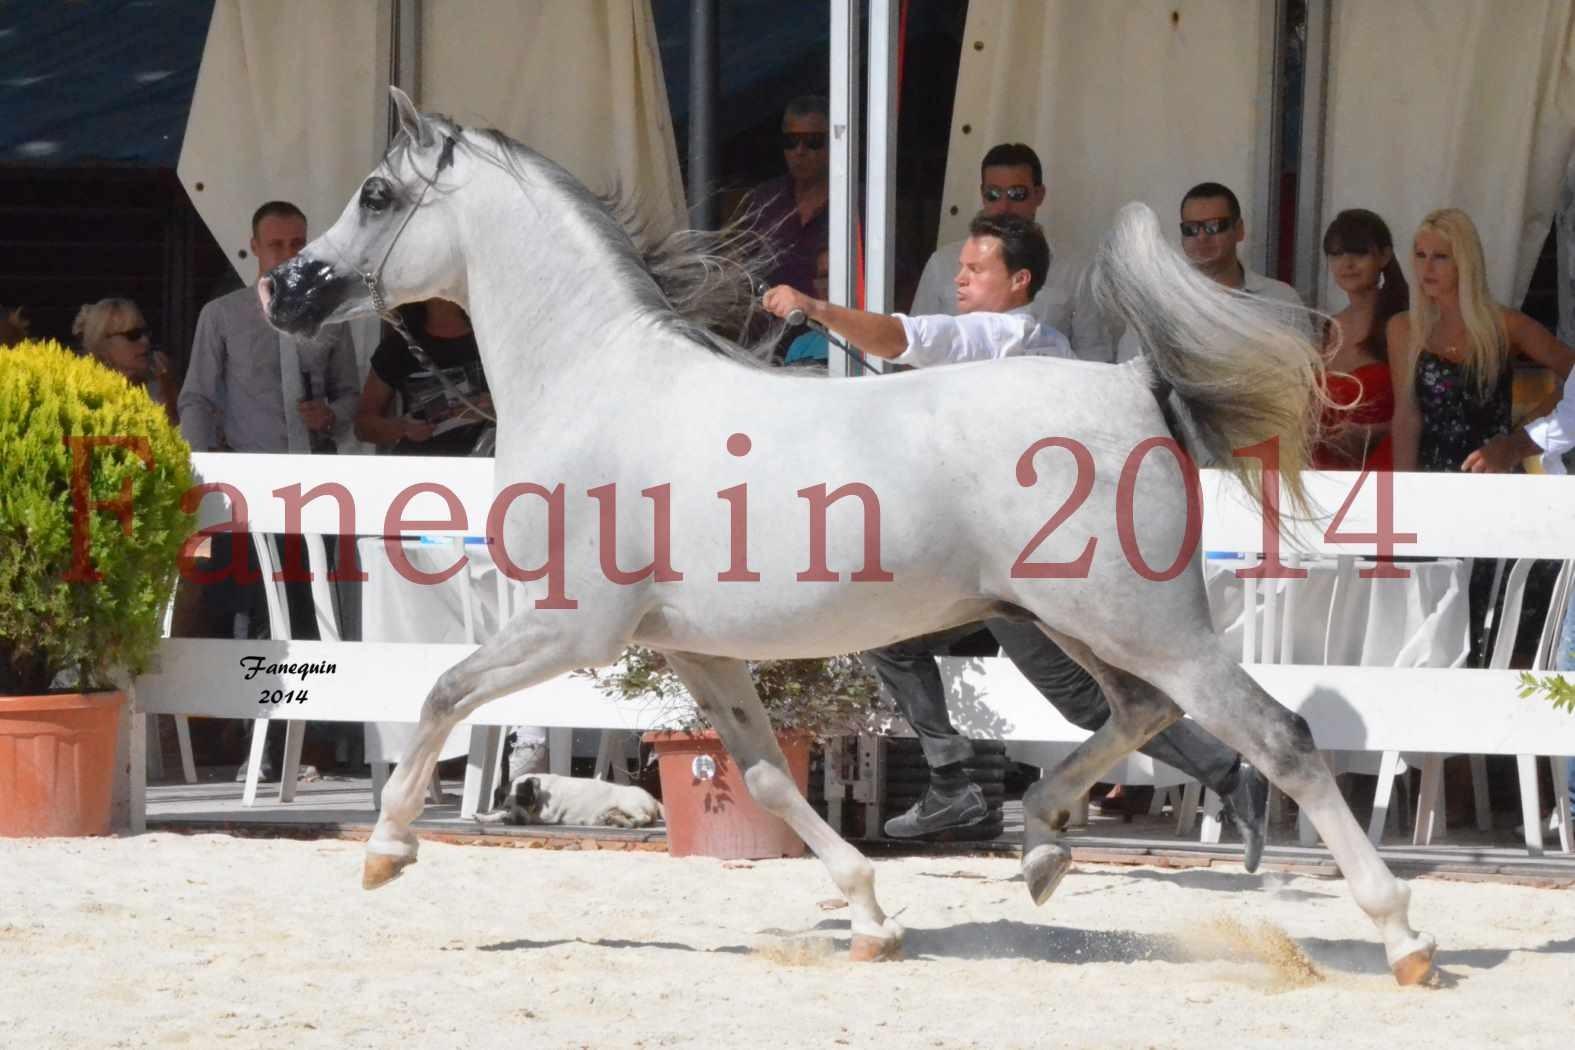 Concours National de Nîmes de chevaux ARABES 2014 - Notre Sélection - SHAOLIN DE NEDJAIA - 10